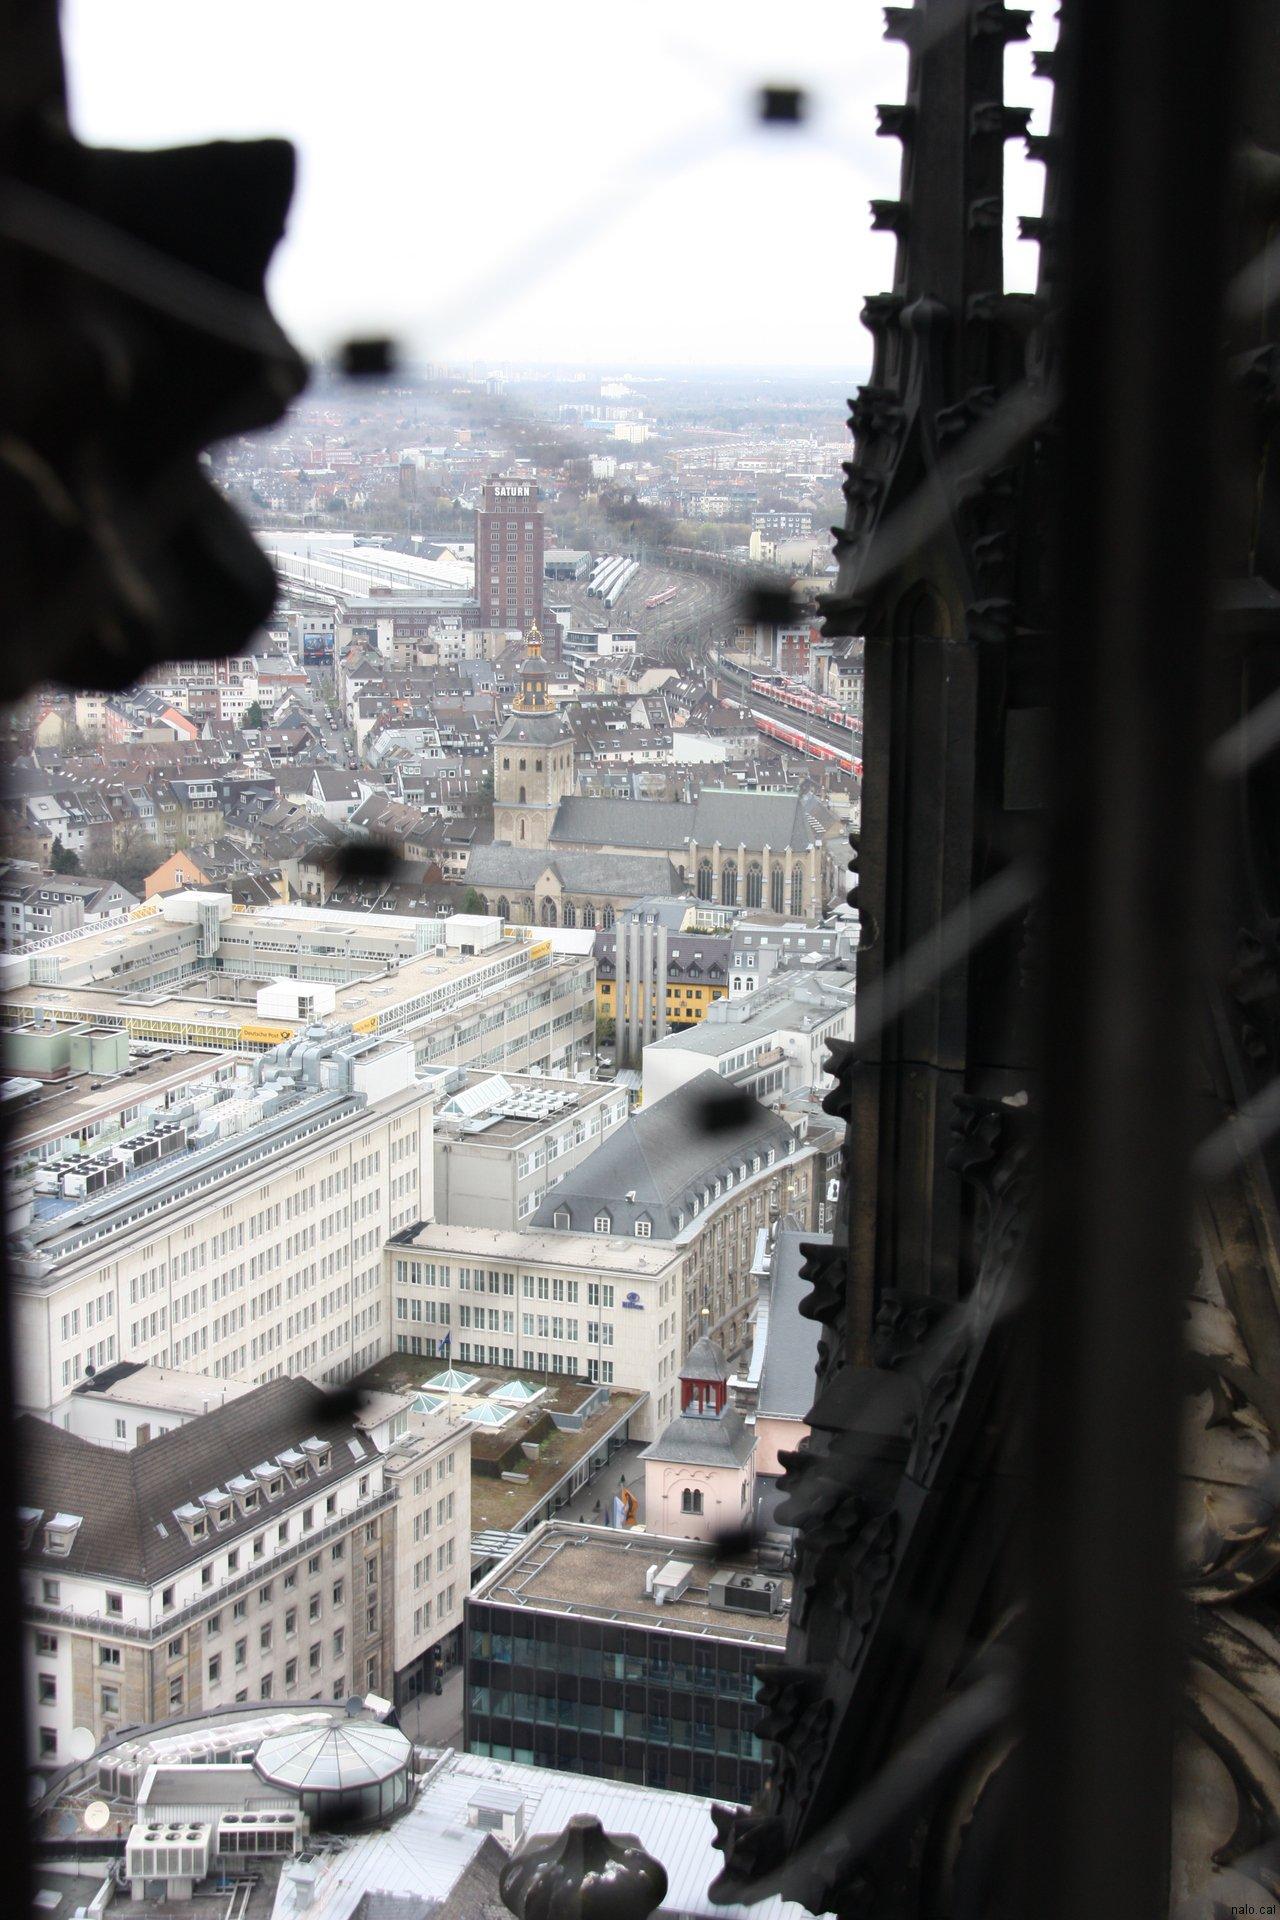 Des de dalt la catedral de Colonia